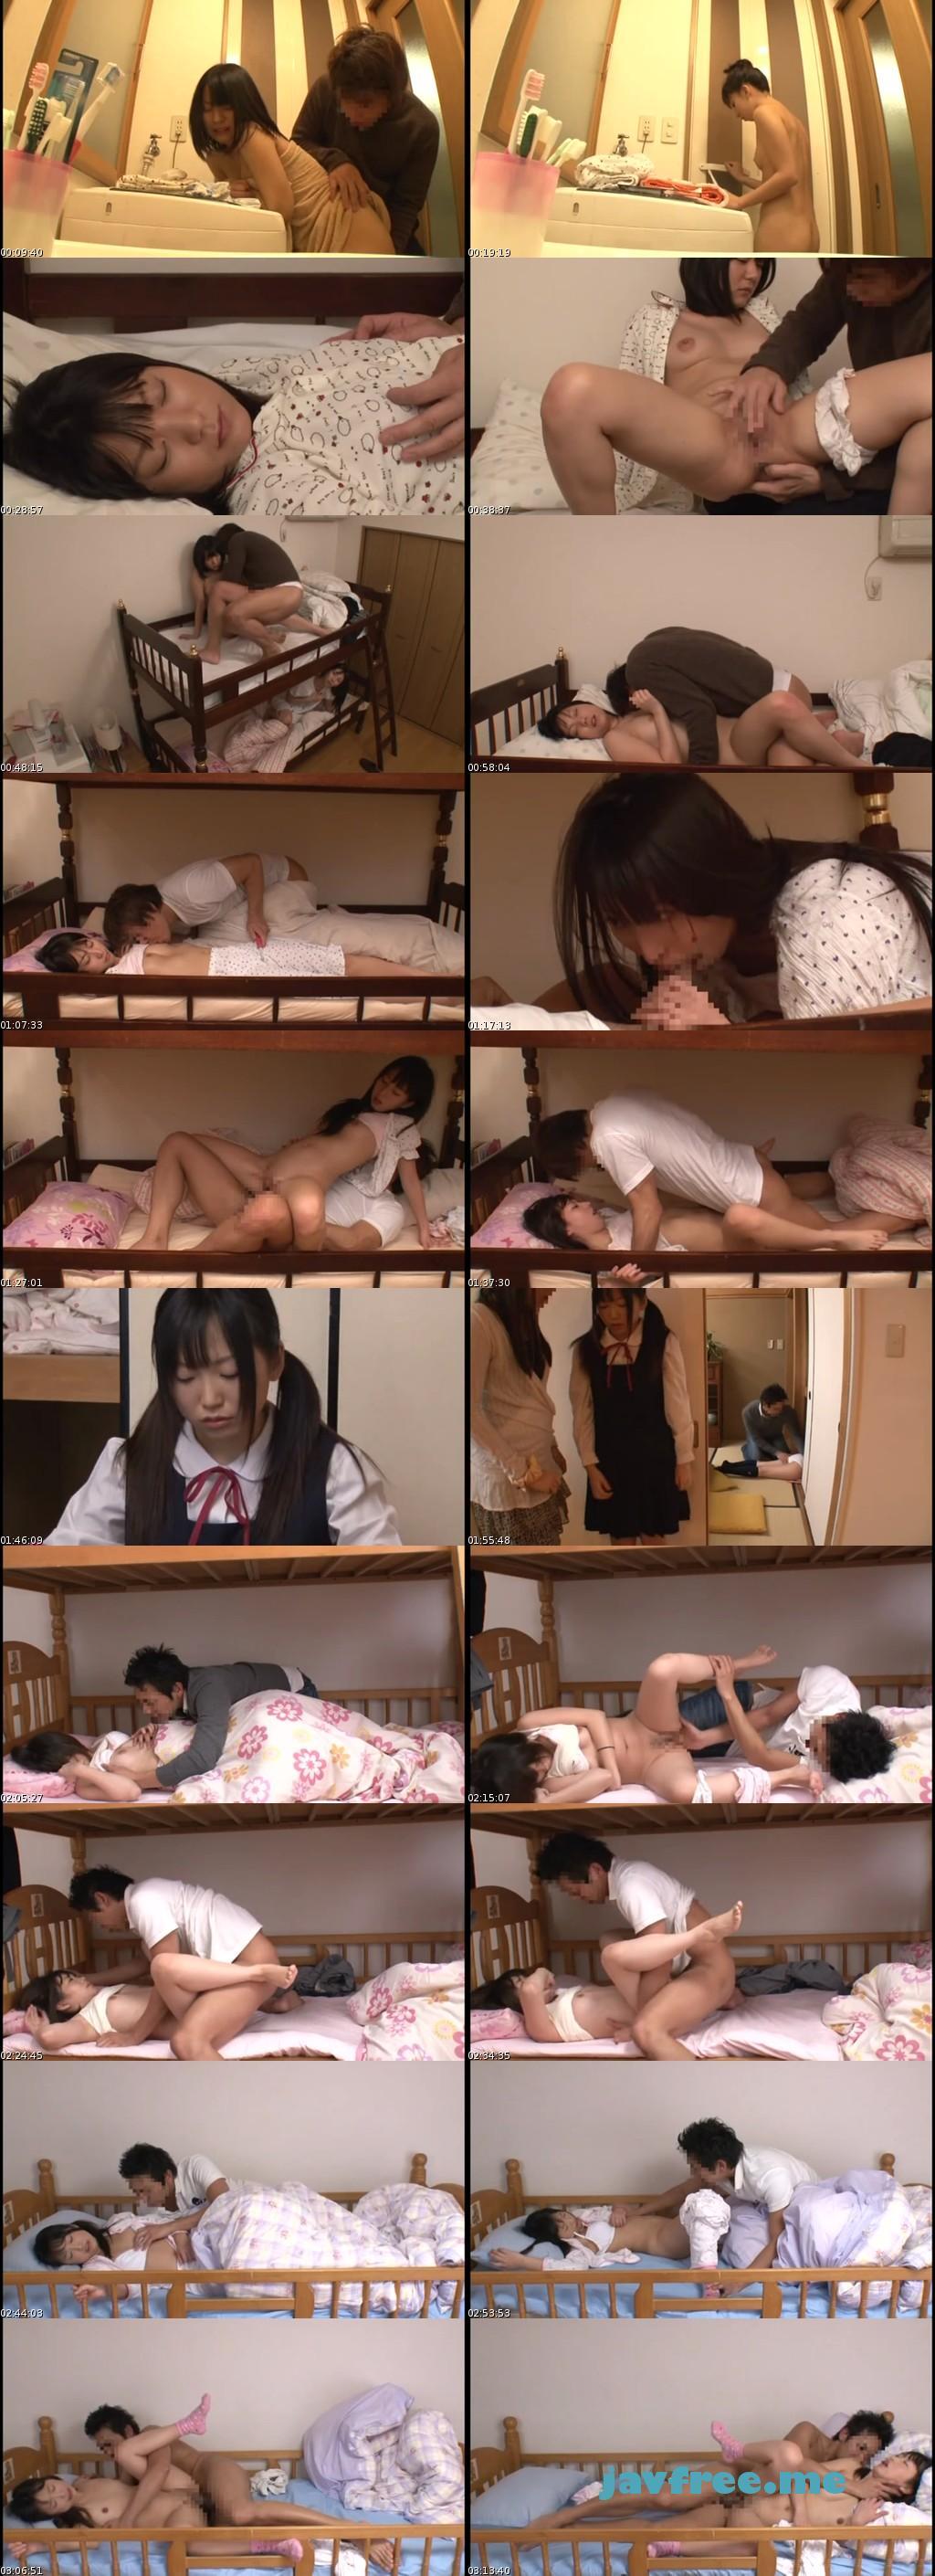 [NHDTA-374] 2段ベッドが揺れるほど感じる姉の喘ぎ声を聞いて発情しだす妹 7 - image NHDTA-374 on https://javfree.me